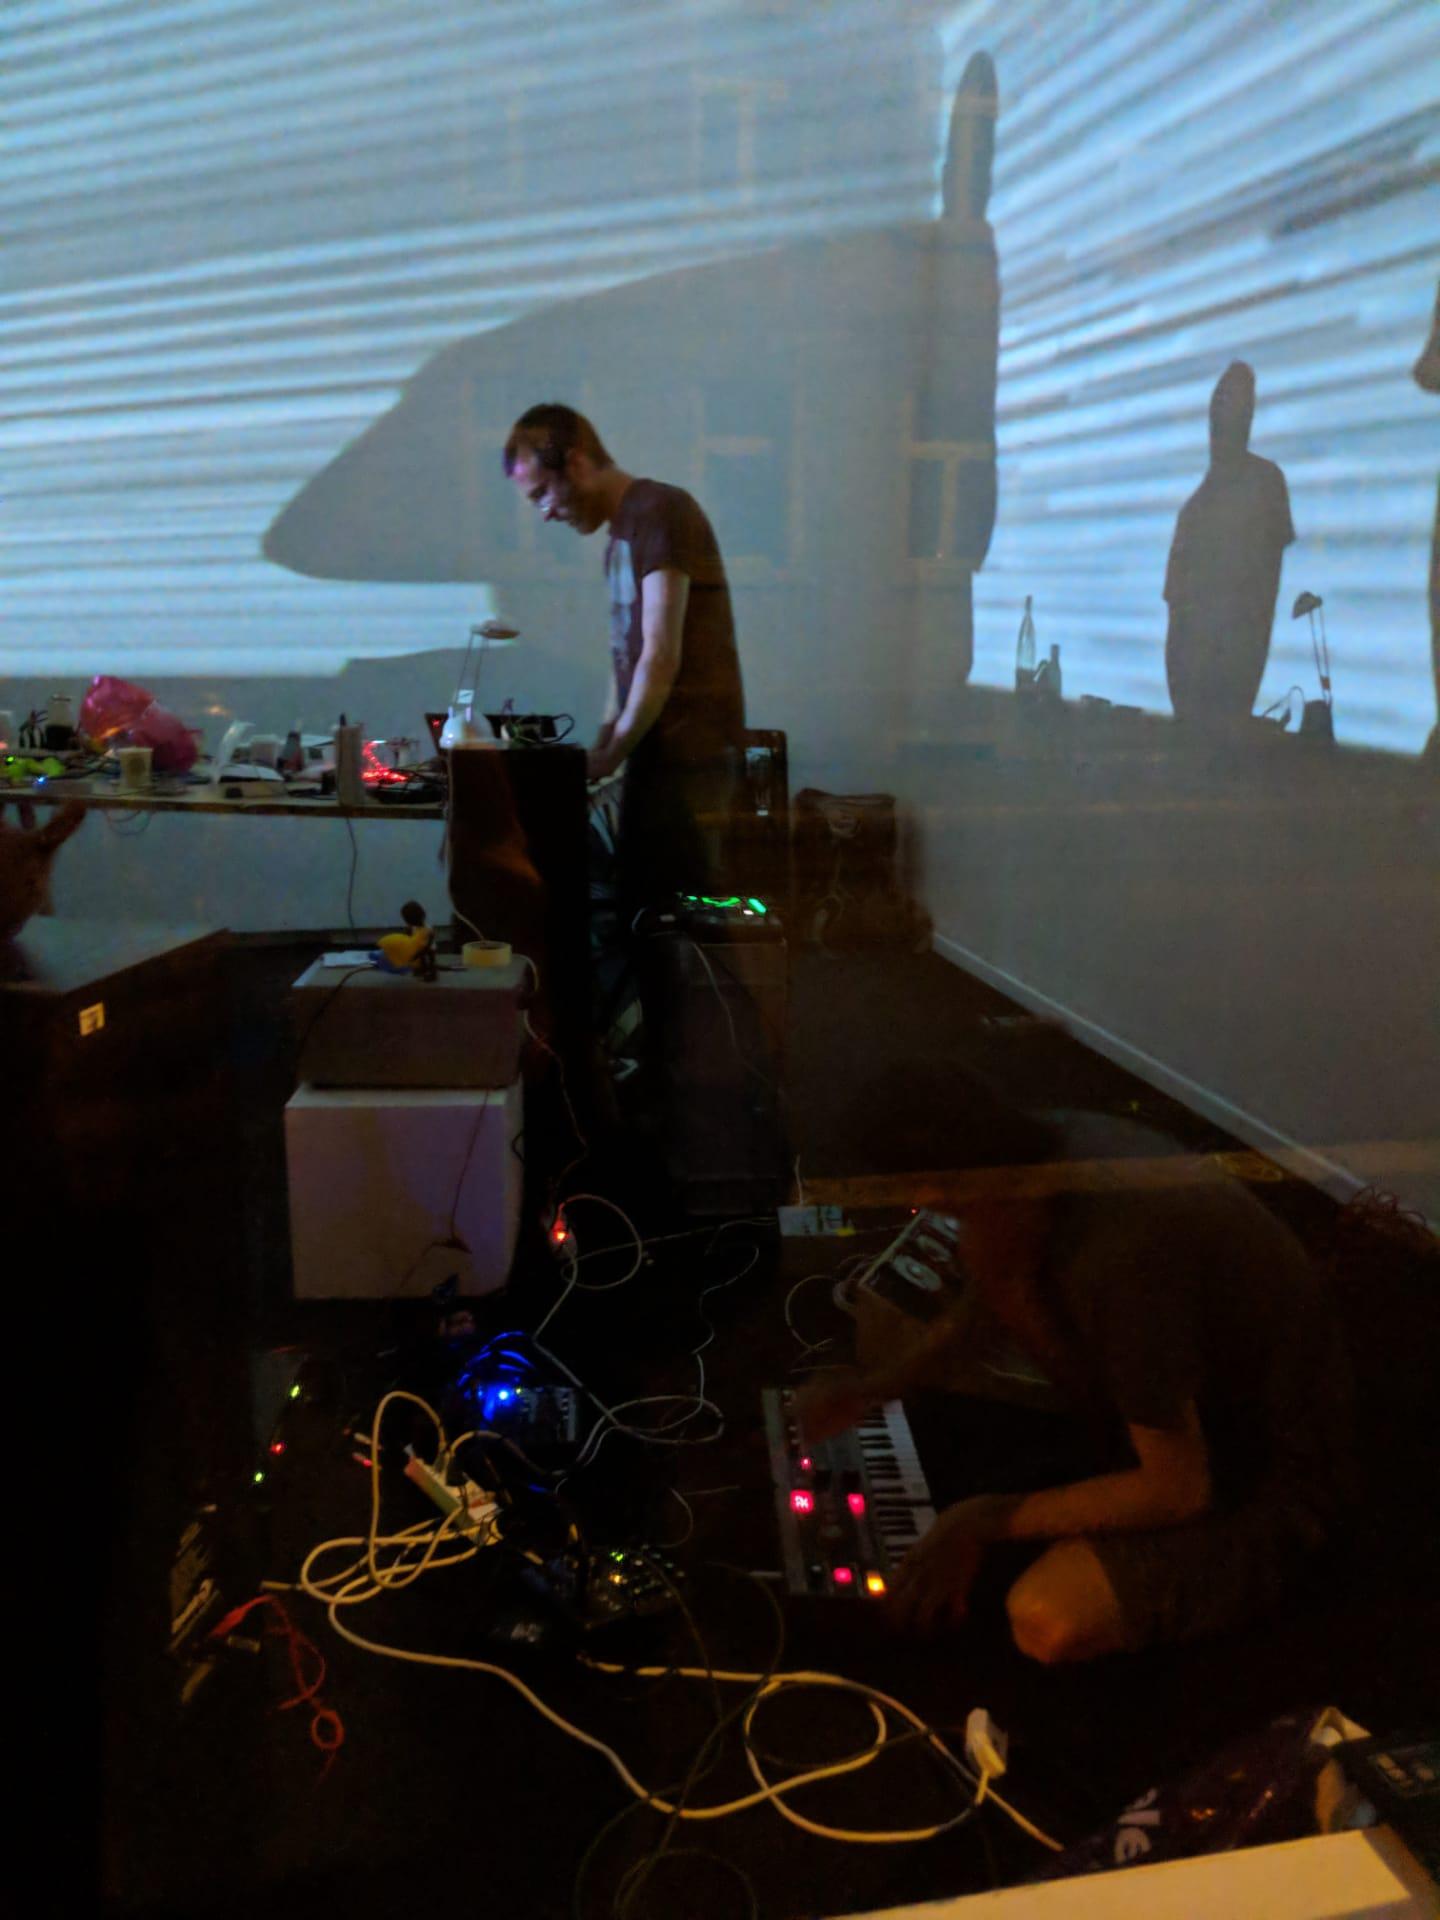 Das Schattenspiel an der Wand war Teil der improvisierten Visualz.